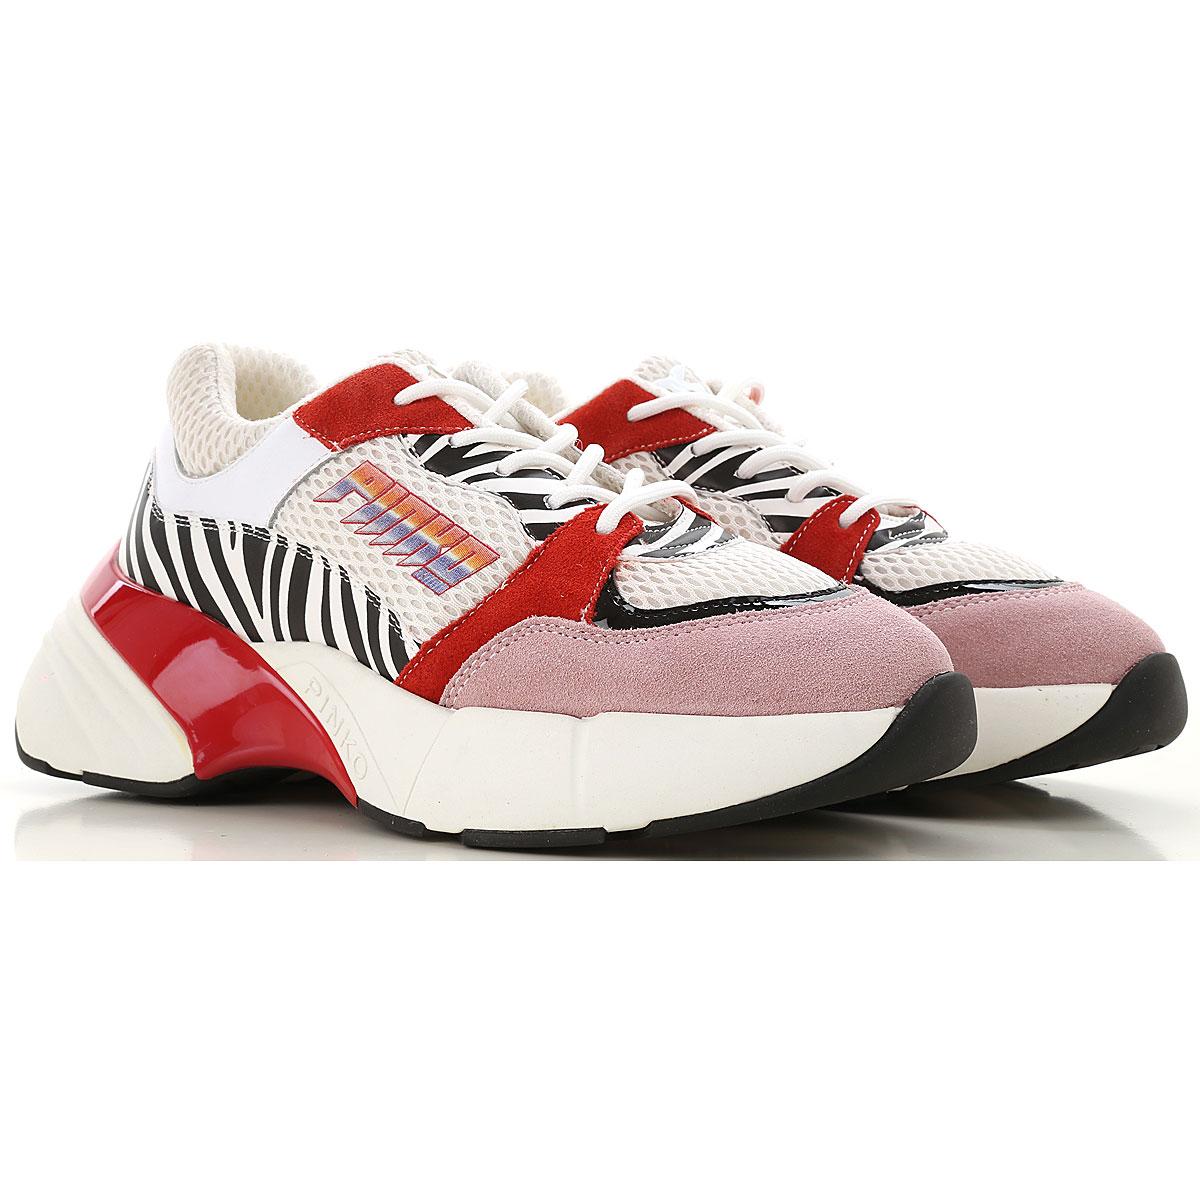 9c04cf9bd678 Womens Shoes Pinko, Style code: 1h20lry5bl-zgz-